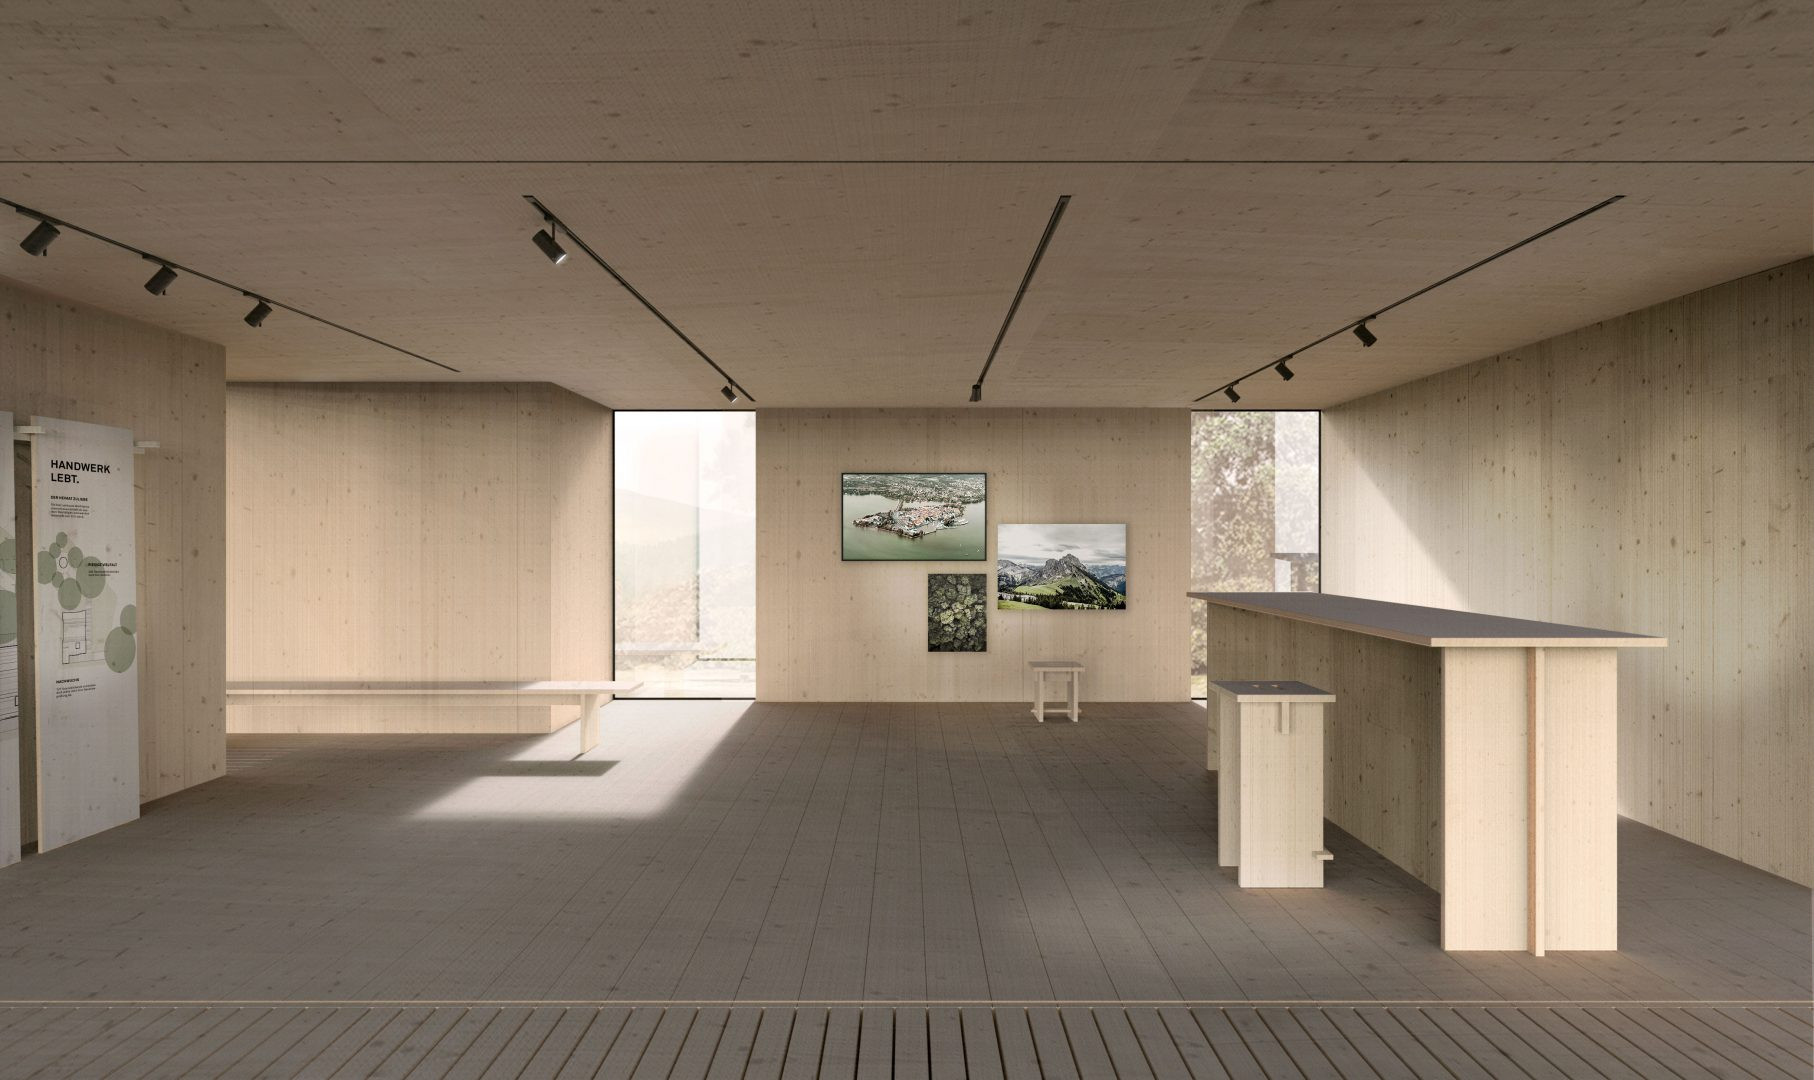 atelier-522-lindau-pavillon-innen